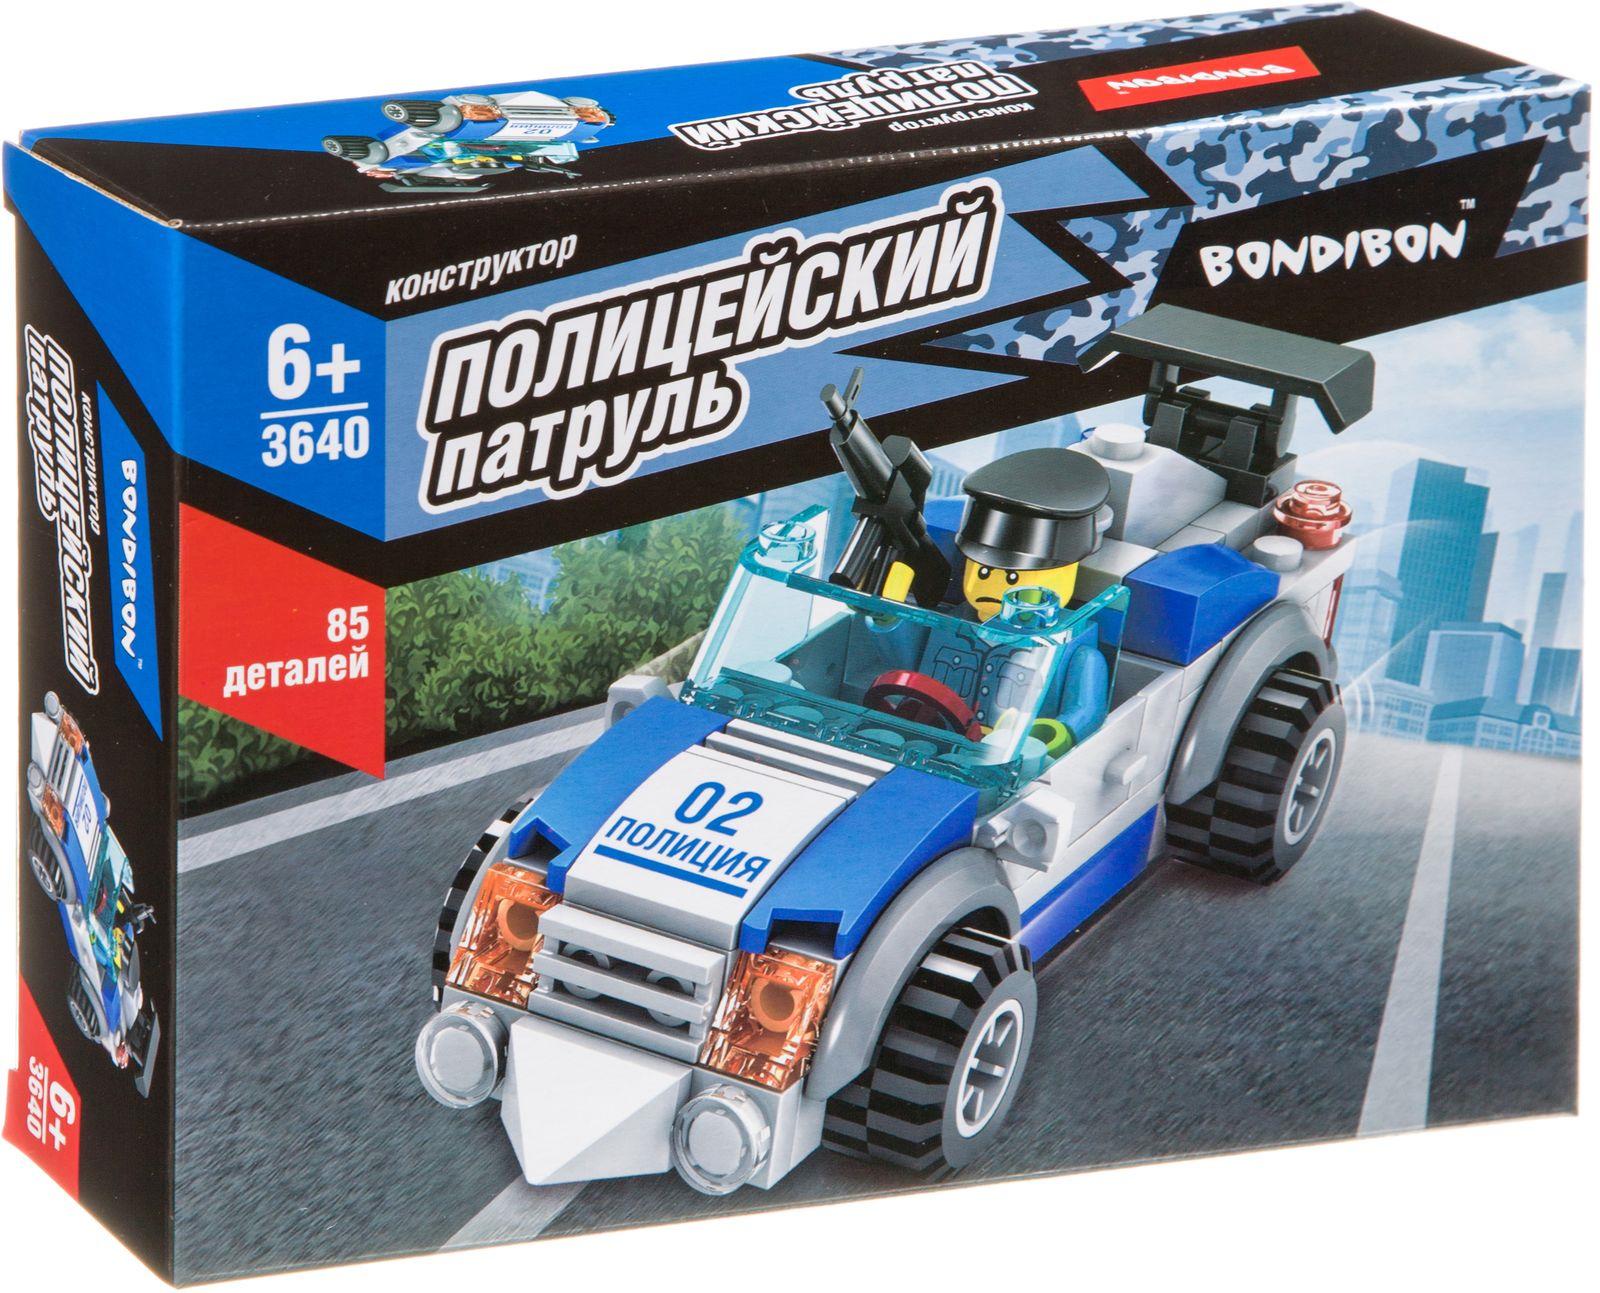 Пластиковый конструктор Bondibon Полицейский Патруль Машина, ВВ3640